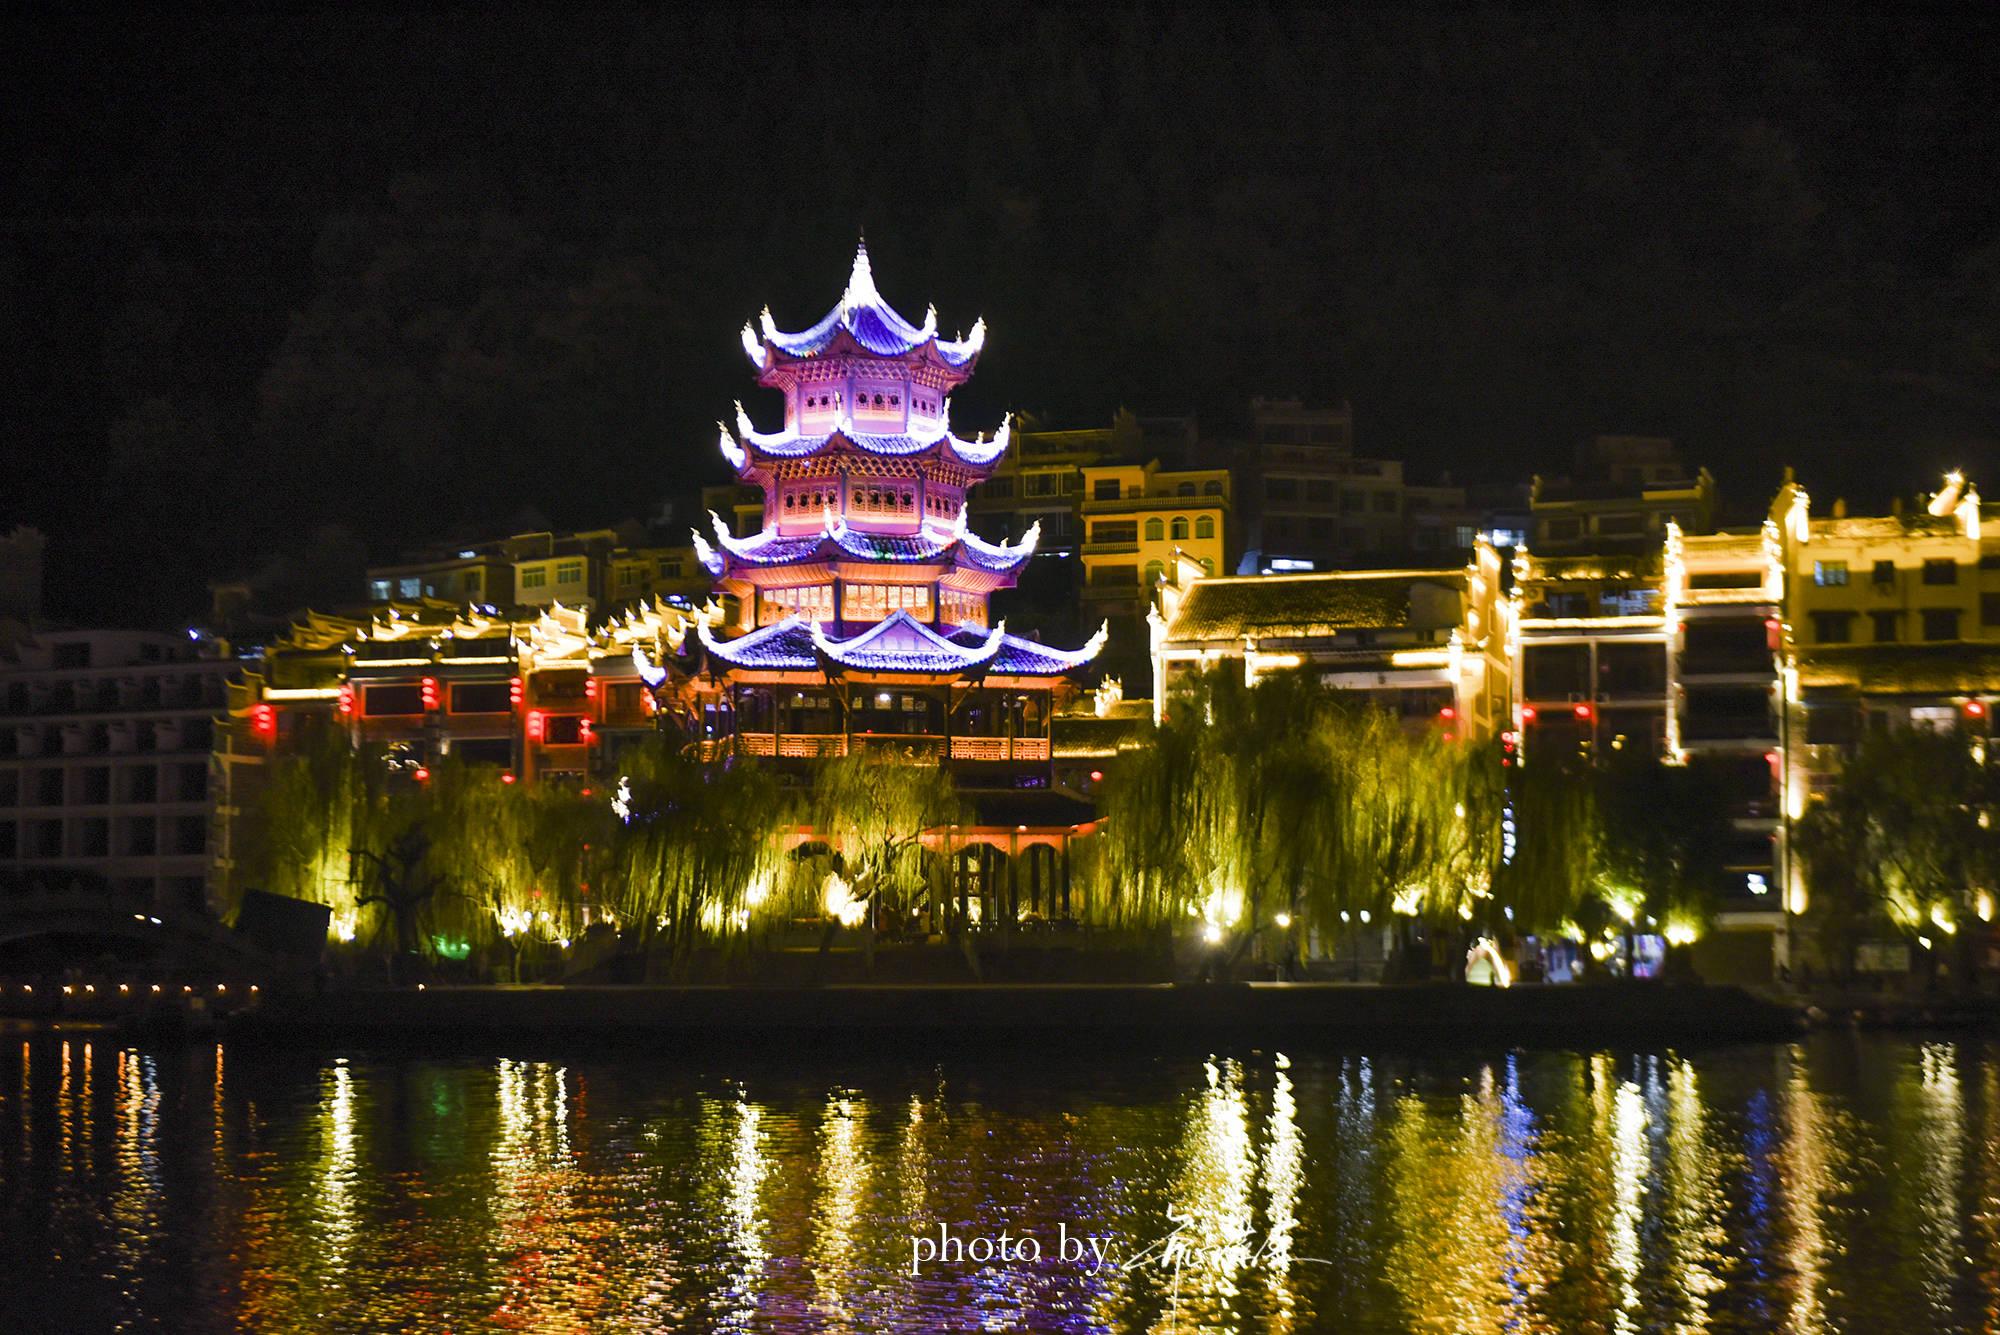 原创             贵州镇远古城有3家富户,2户当官1户经商,经商的家里堆满宝贝